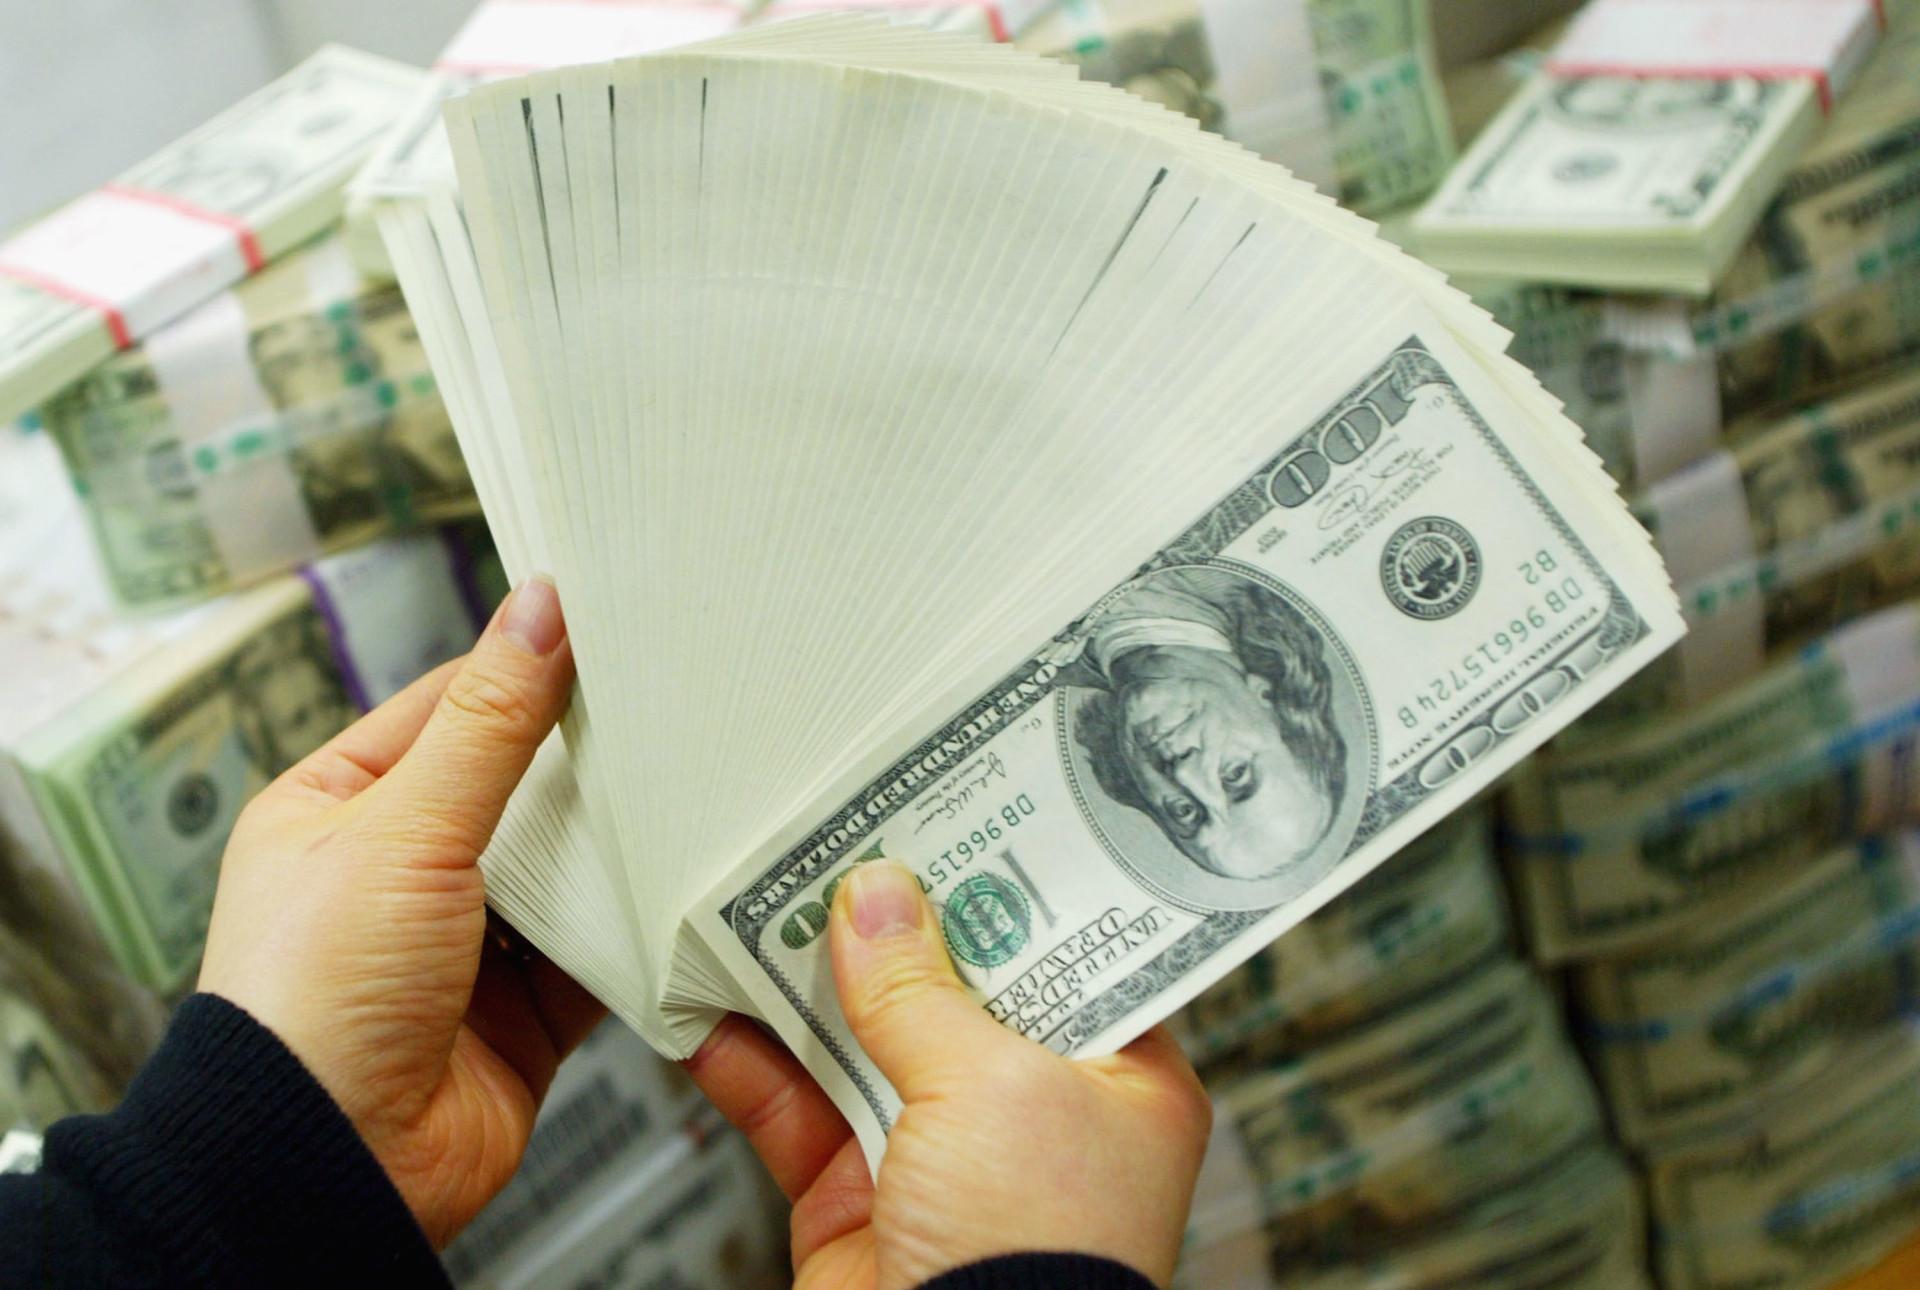 Quer ser bem pago e sem stress? Opte por uma destas profissões